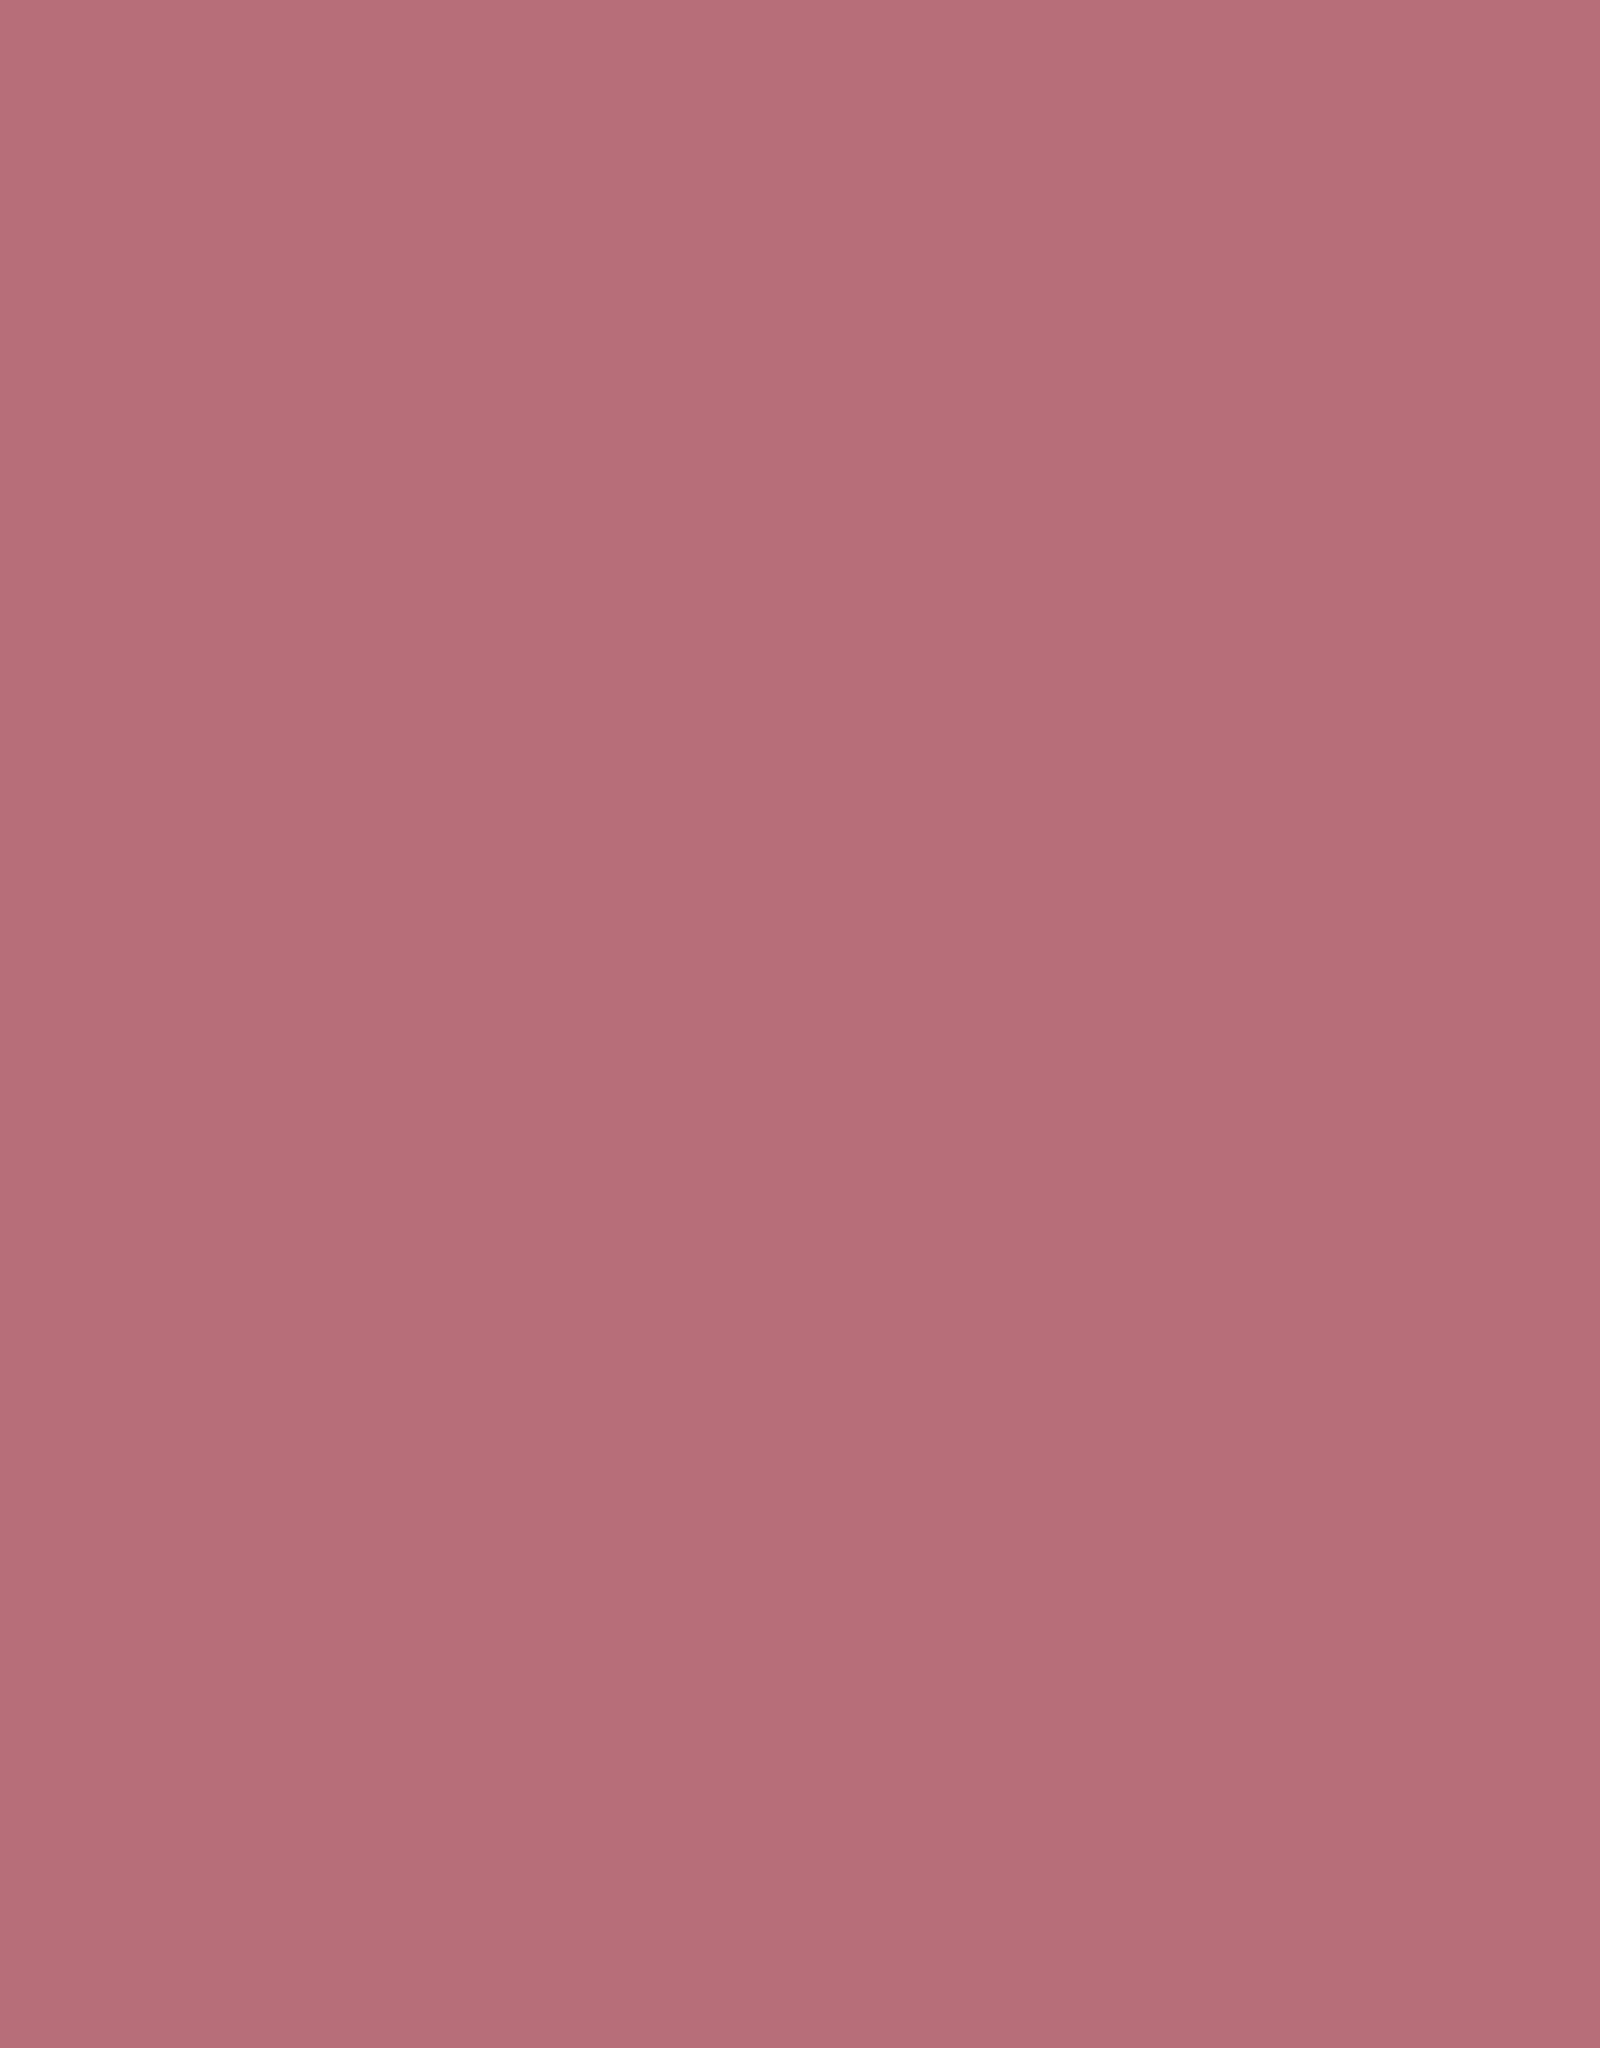 MOTIONWEAR PINCH FRONT ARCH BACK CAMISOLE LEOTARD (2506)